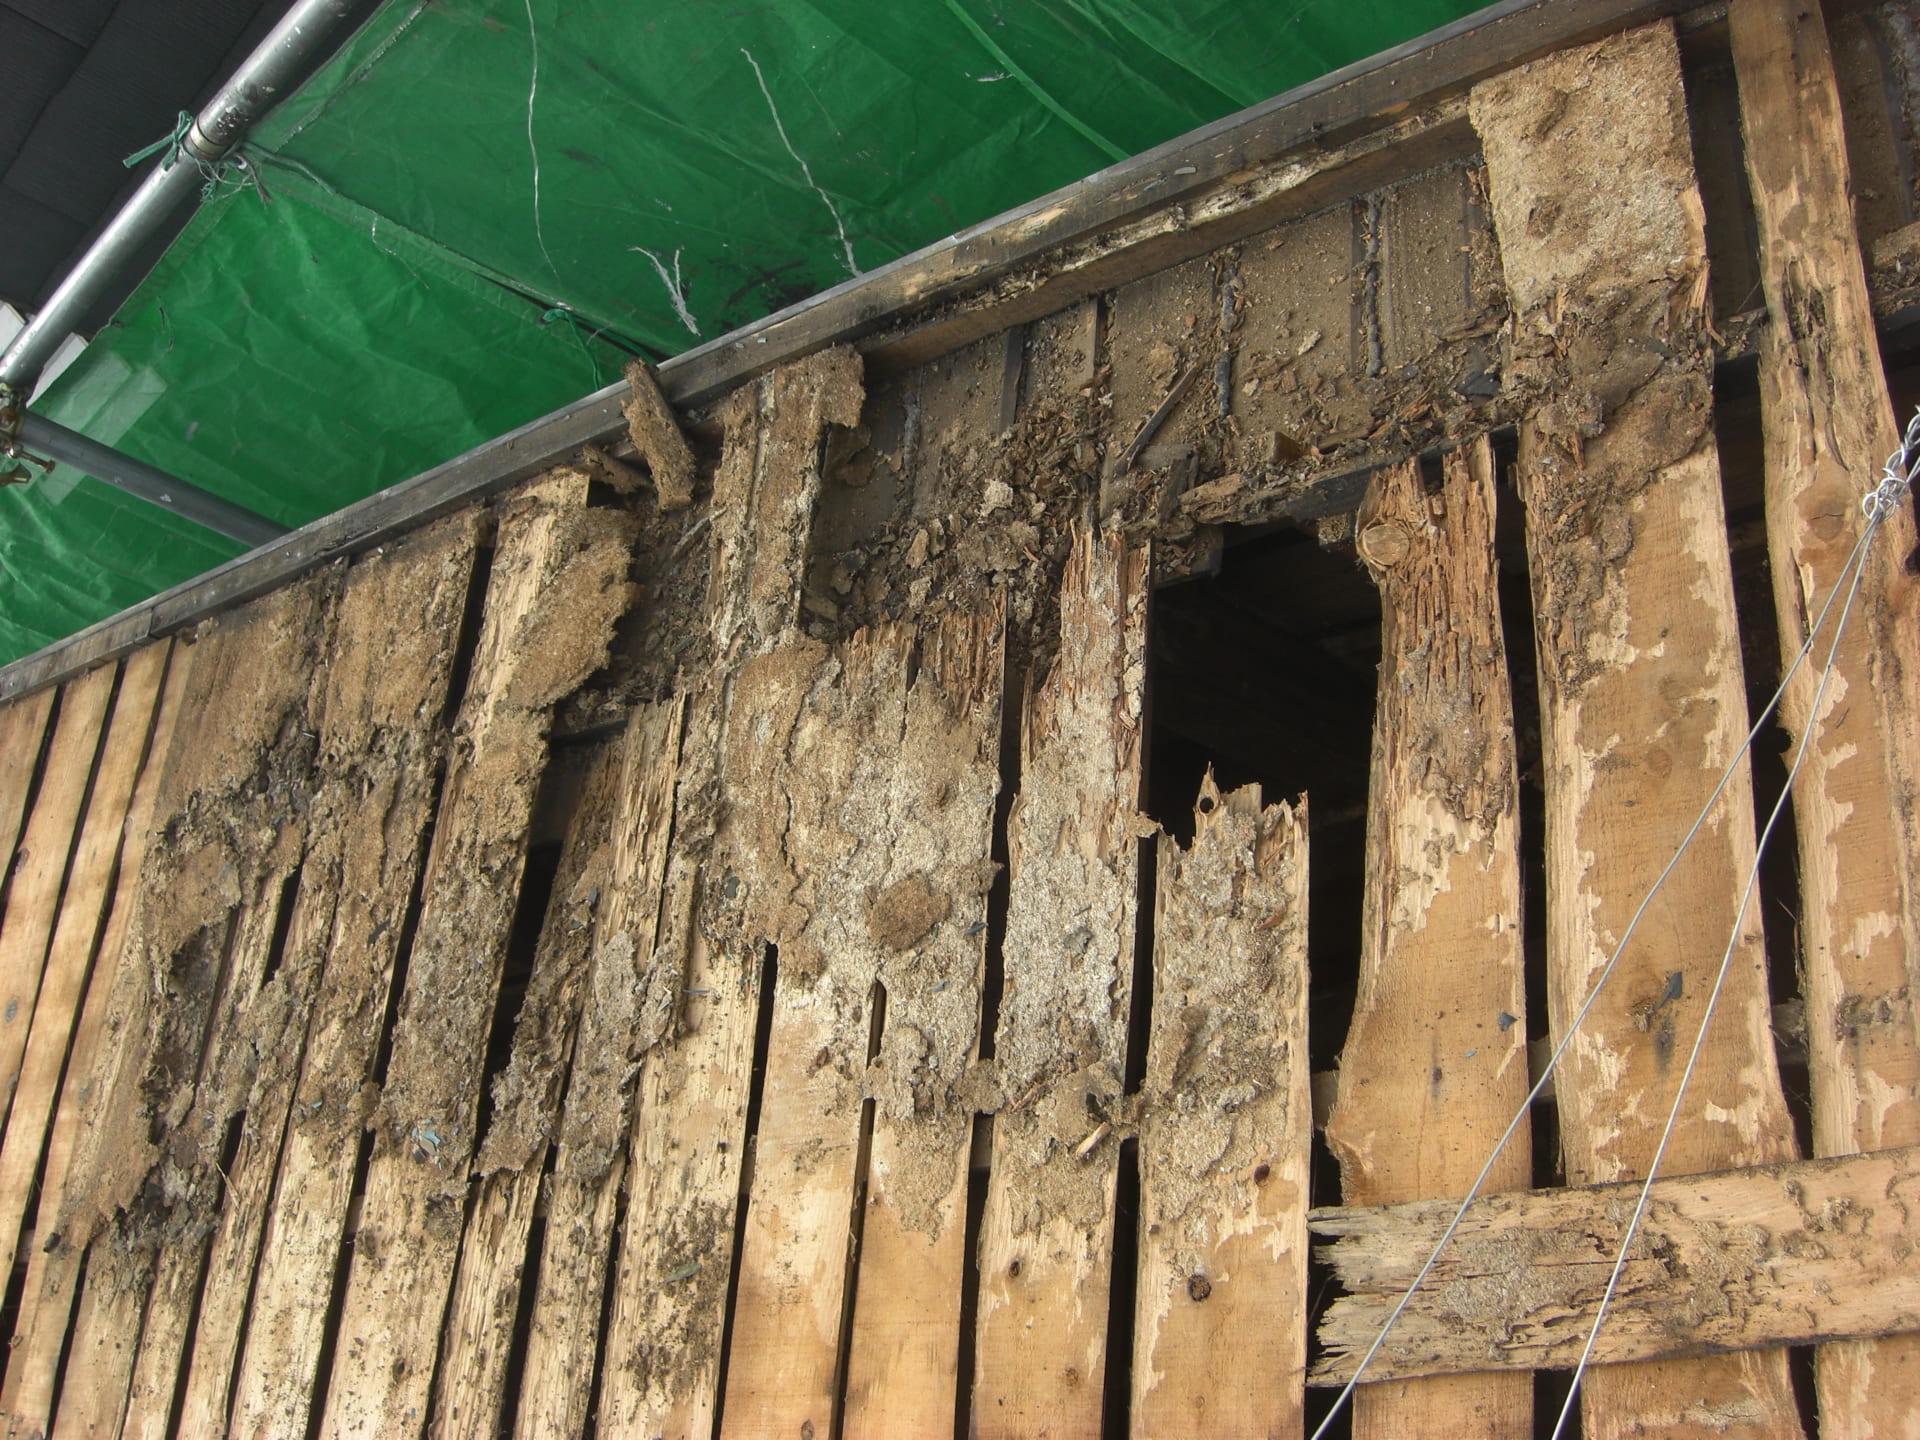 垂木が腐食した場合は補強が必要